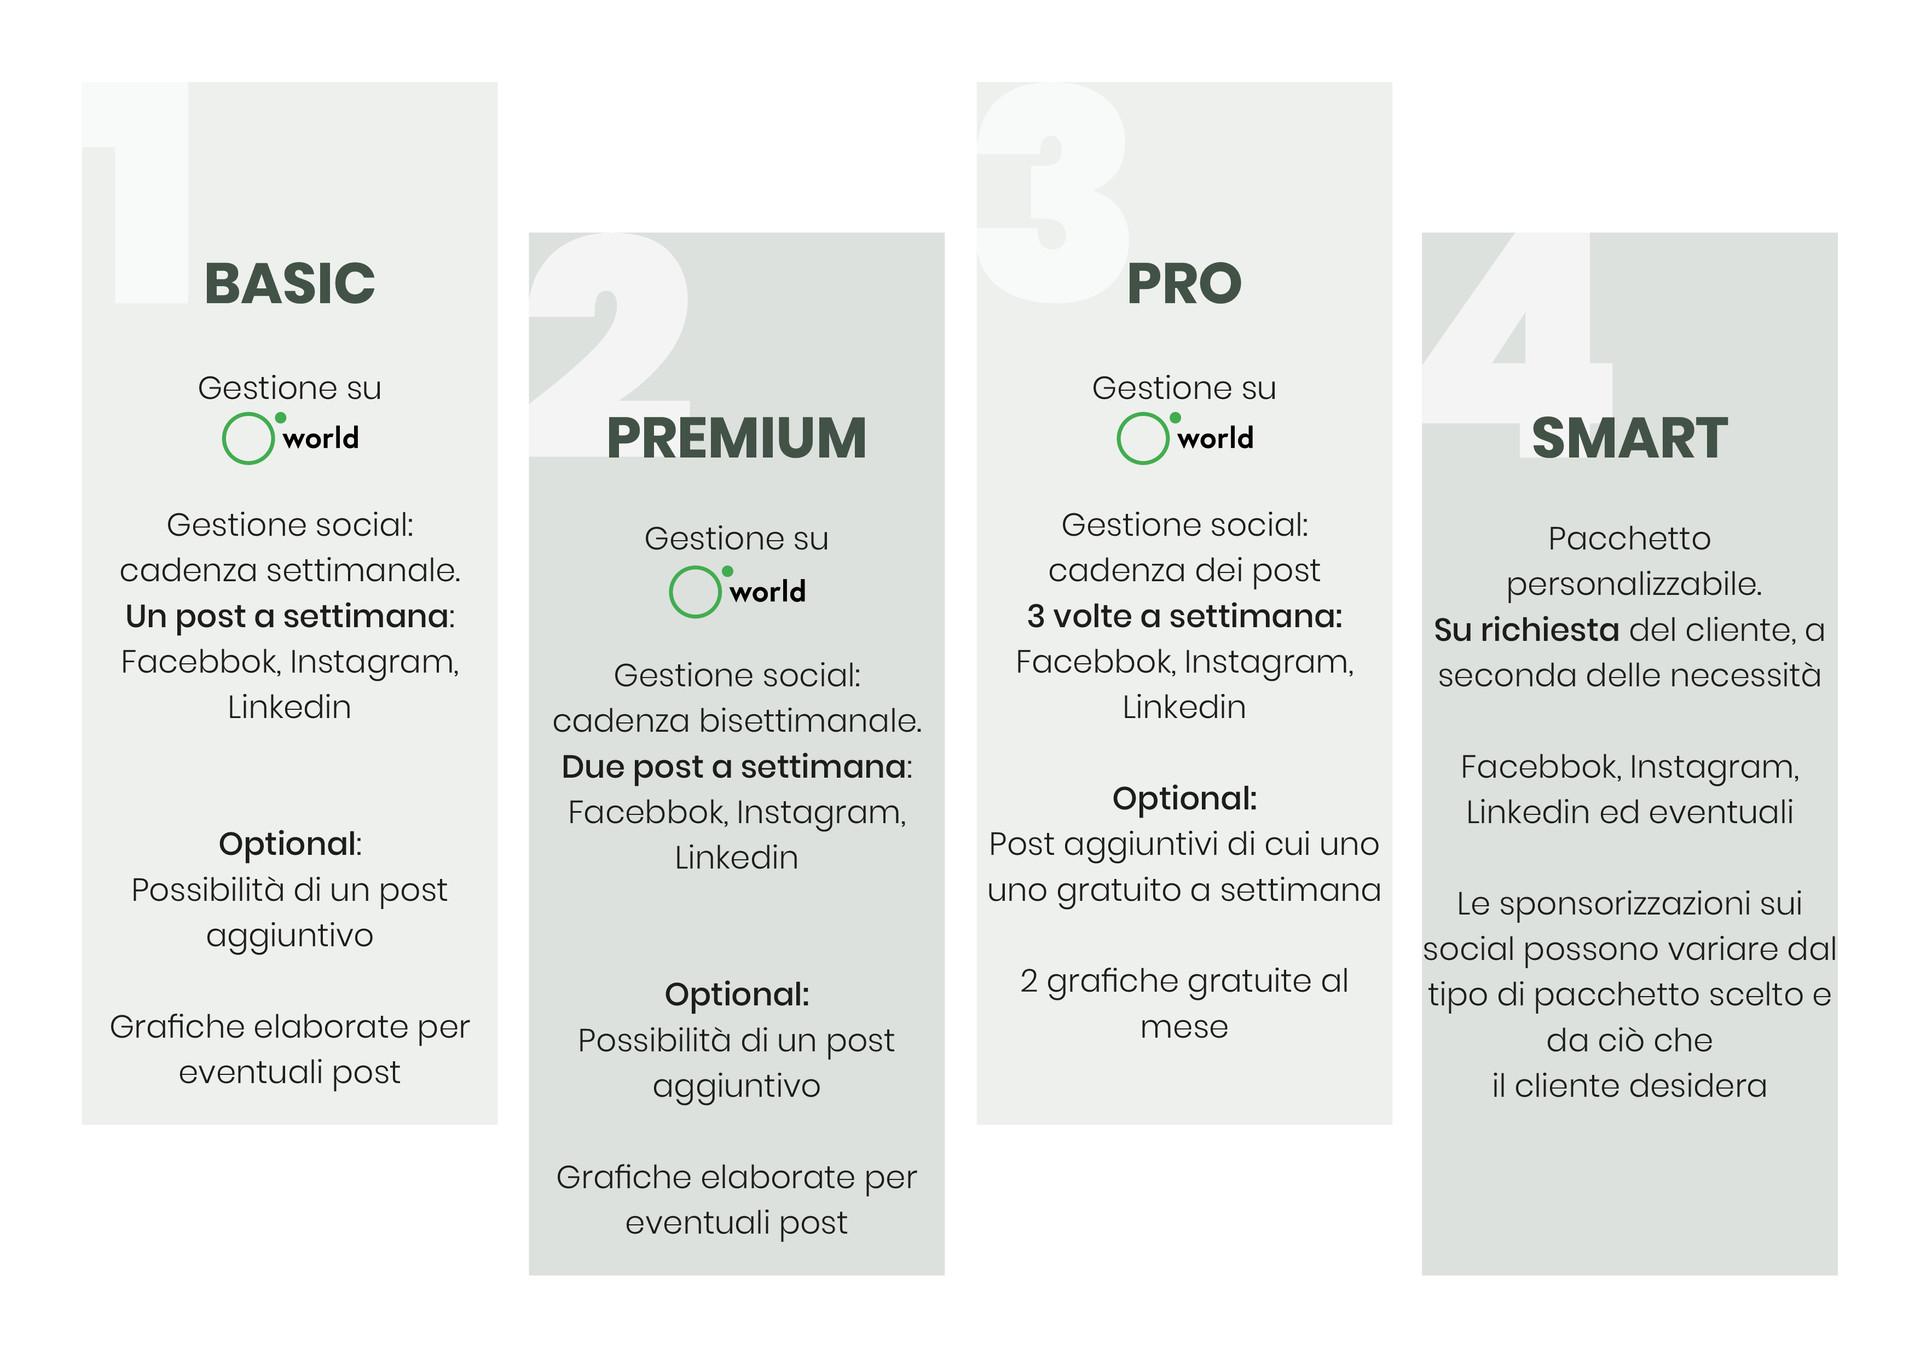 """UfficioMarketing offre la possibilità di scegliere fra diversi pacchetti, volti a coinvolgere i media in modo efficace, creando un pubblico e aumentando il """"Target Market"""" necessario. Ciascun pack si diversifica per la gestione dei social e per le caratteristiche incluse, come lo sviluppo di contenuti grafici o la pubblicazione di post aggiuntivi. È possibile inoltre customizare il proprio pacchetto aggiungendo ulteriori dettagli."""